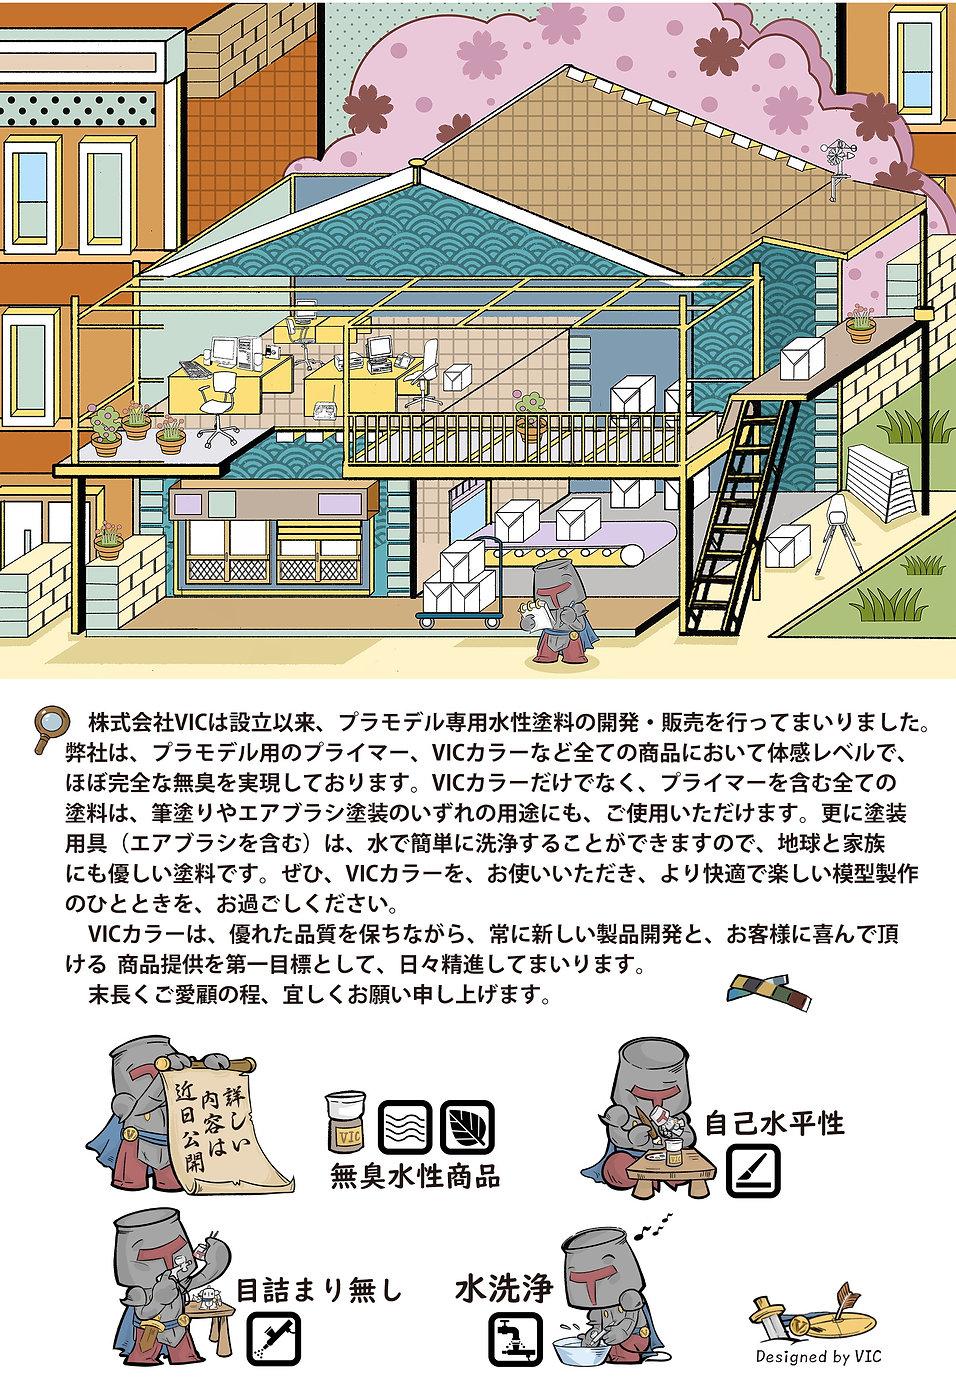 背景図.jpg